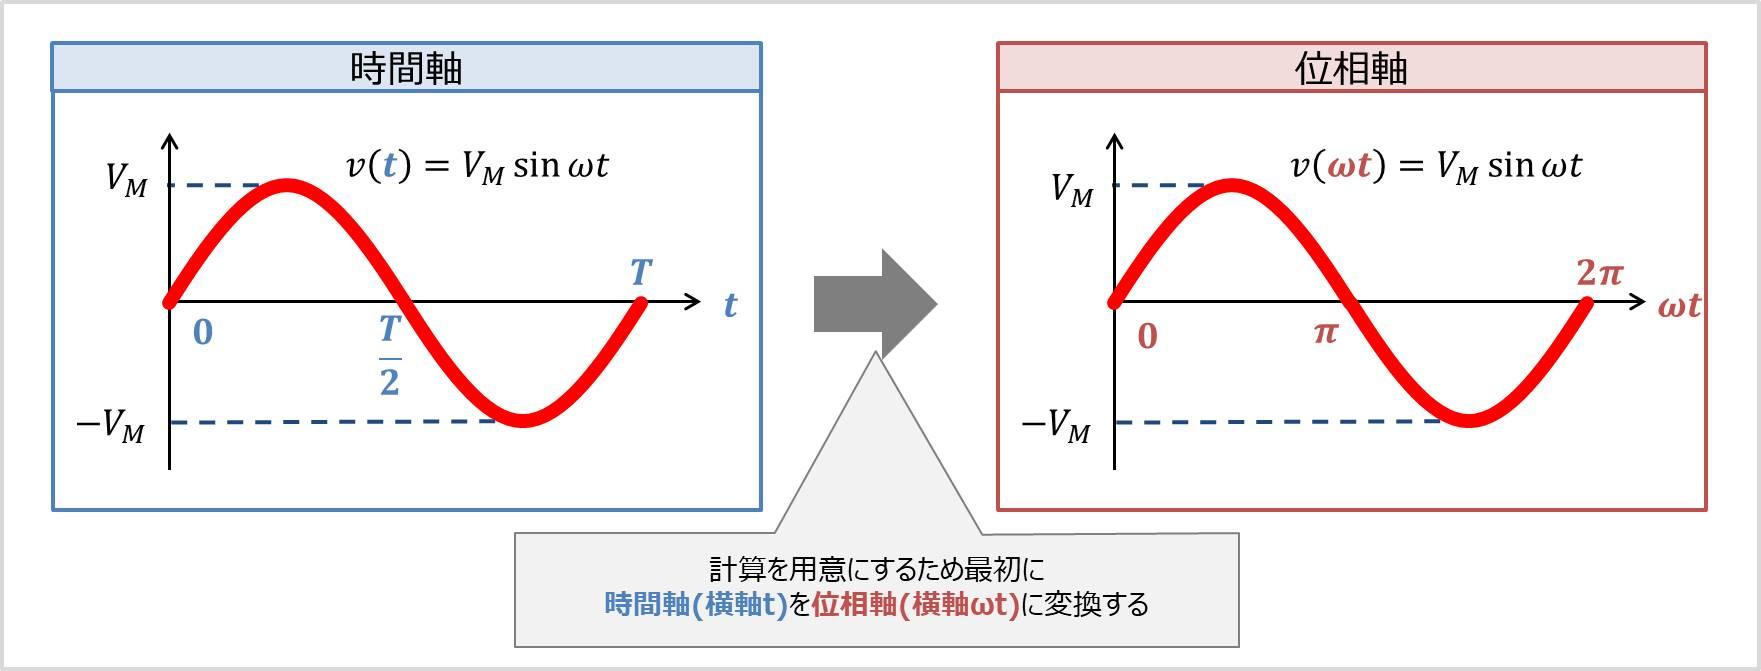 【正弦波】時間軸(横軸t)を位相軸(横軸ωt)に変換する